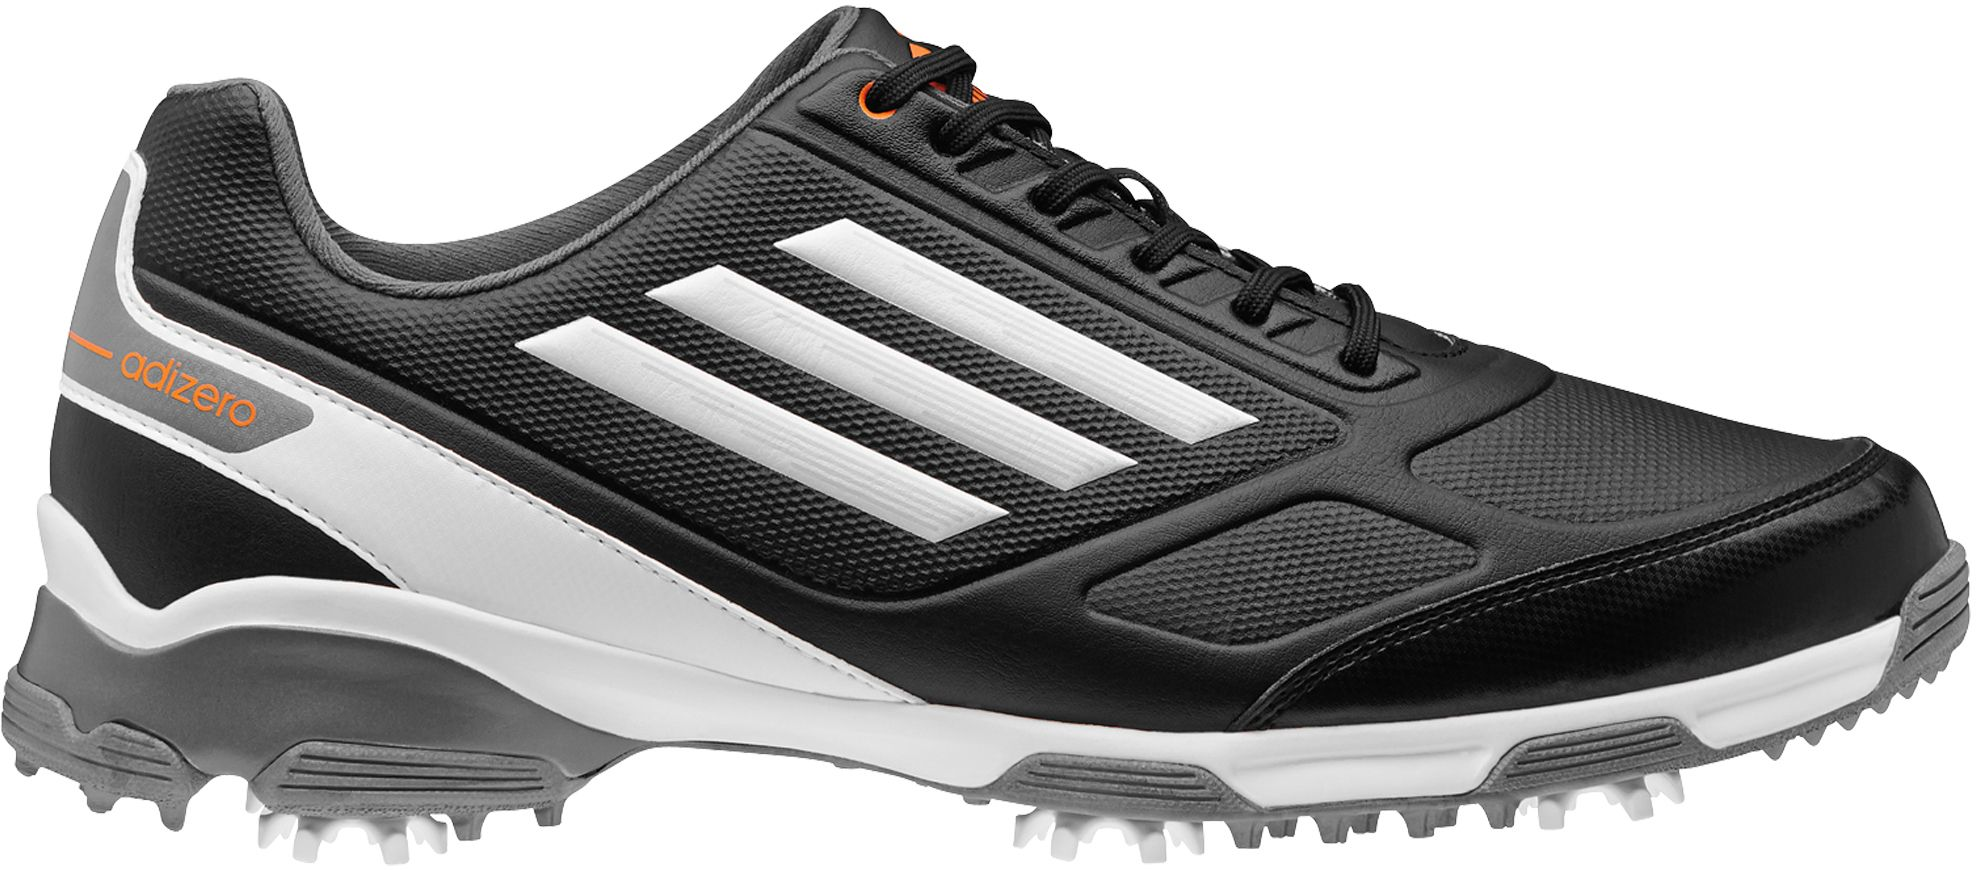 Adizero Tr Golf Shoes Review